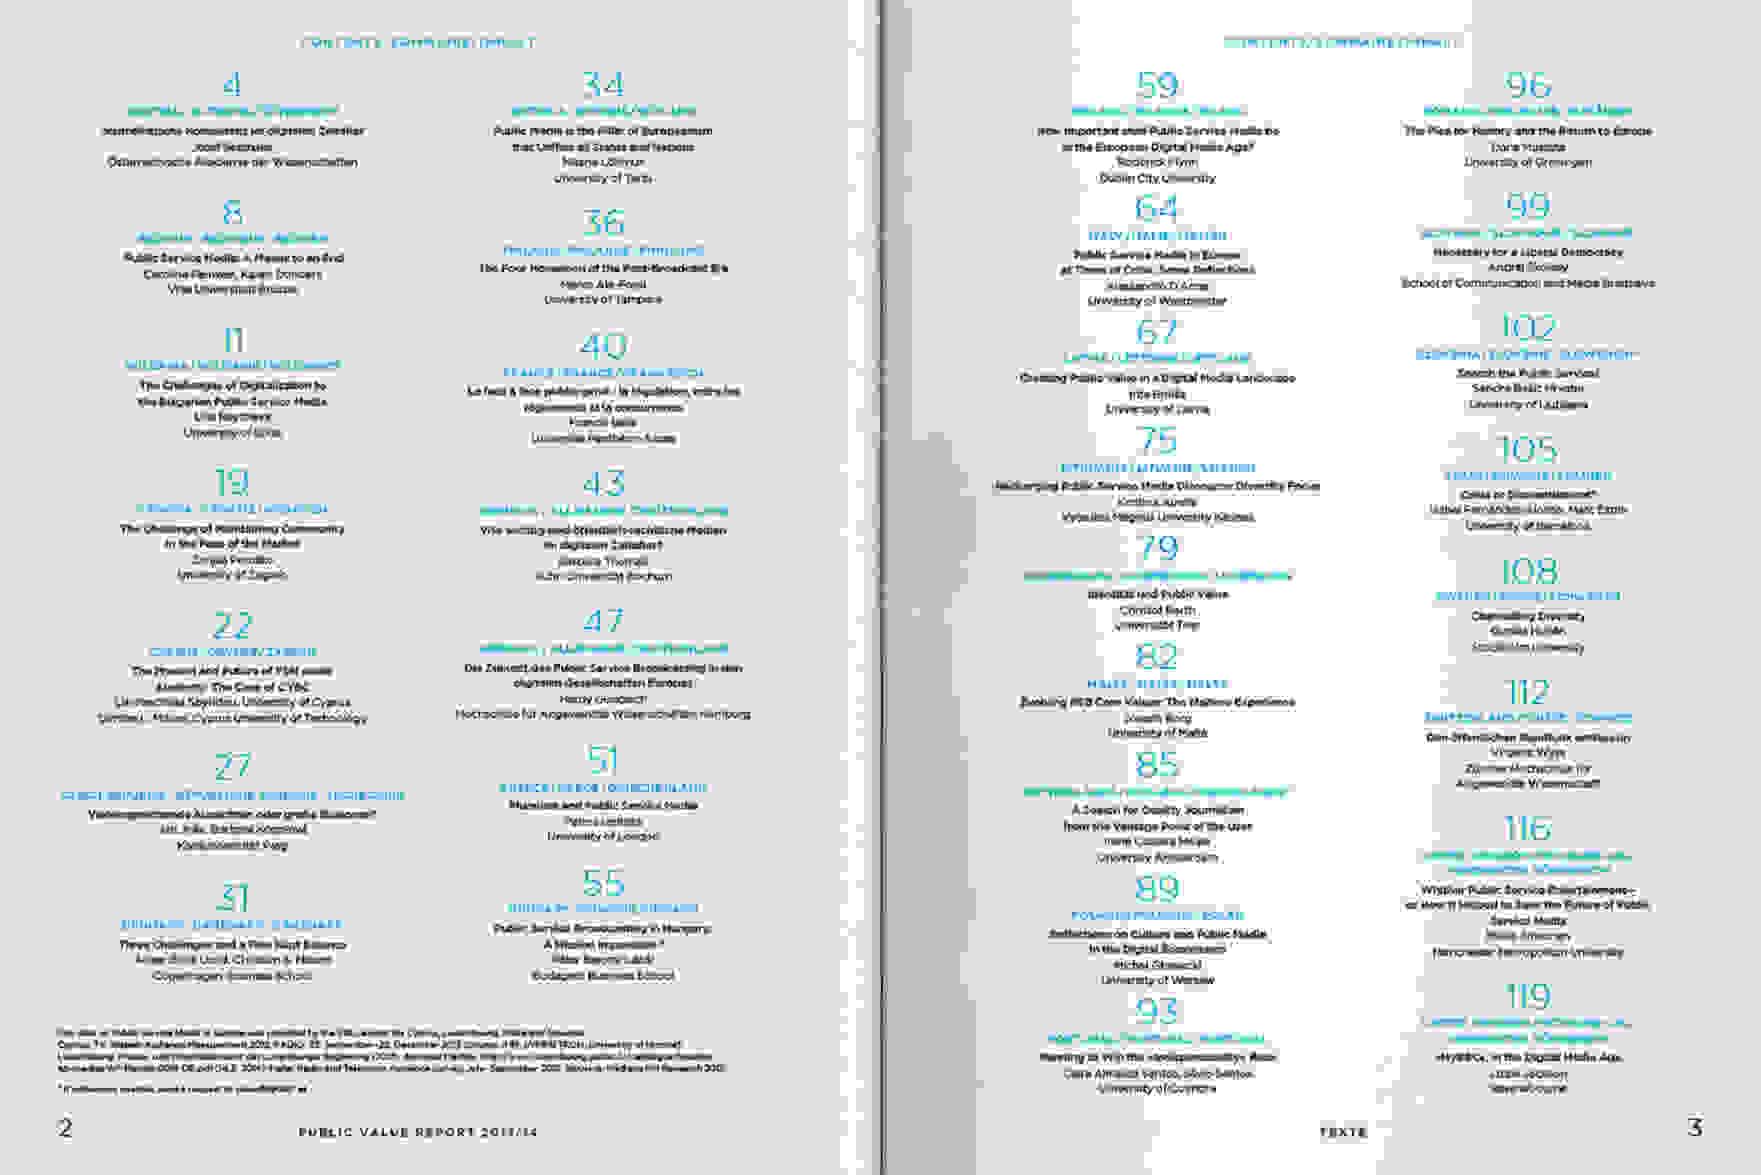 ORF PV 2014 Texte Doppelseite 2